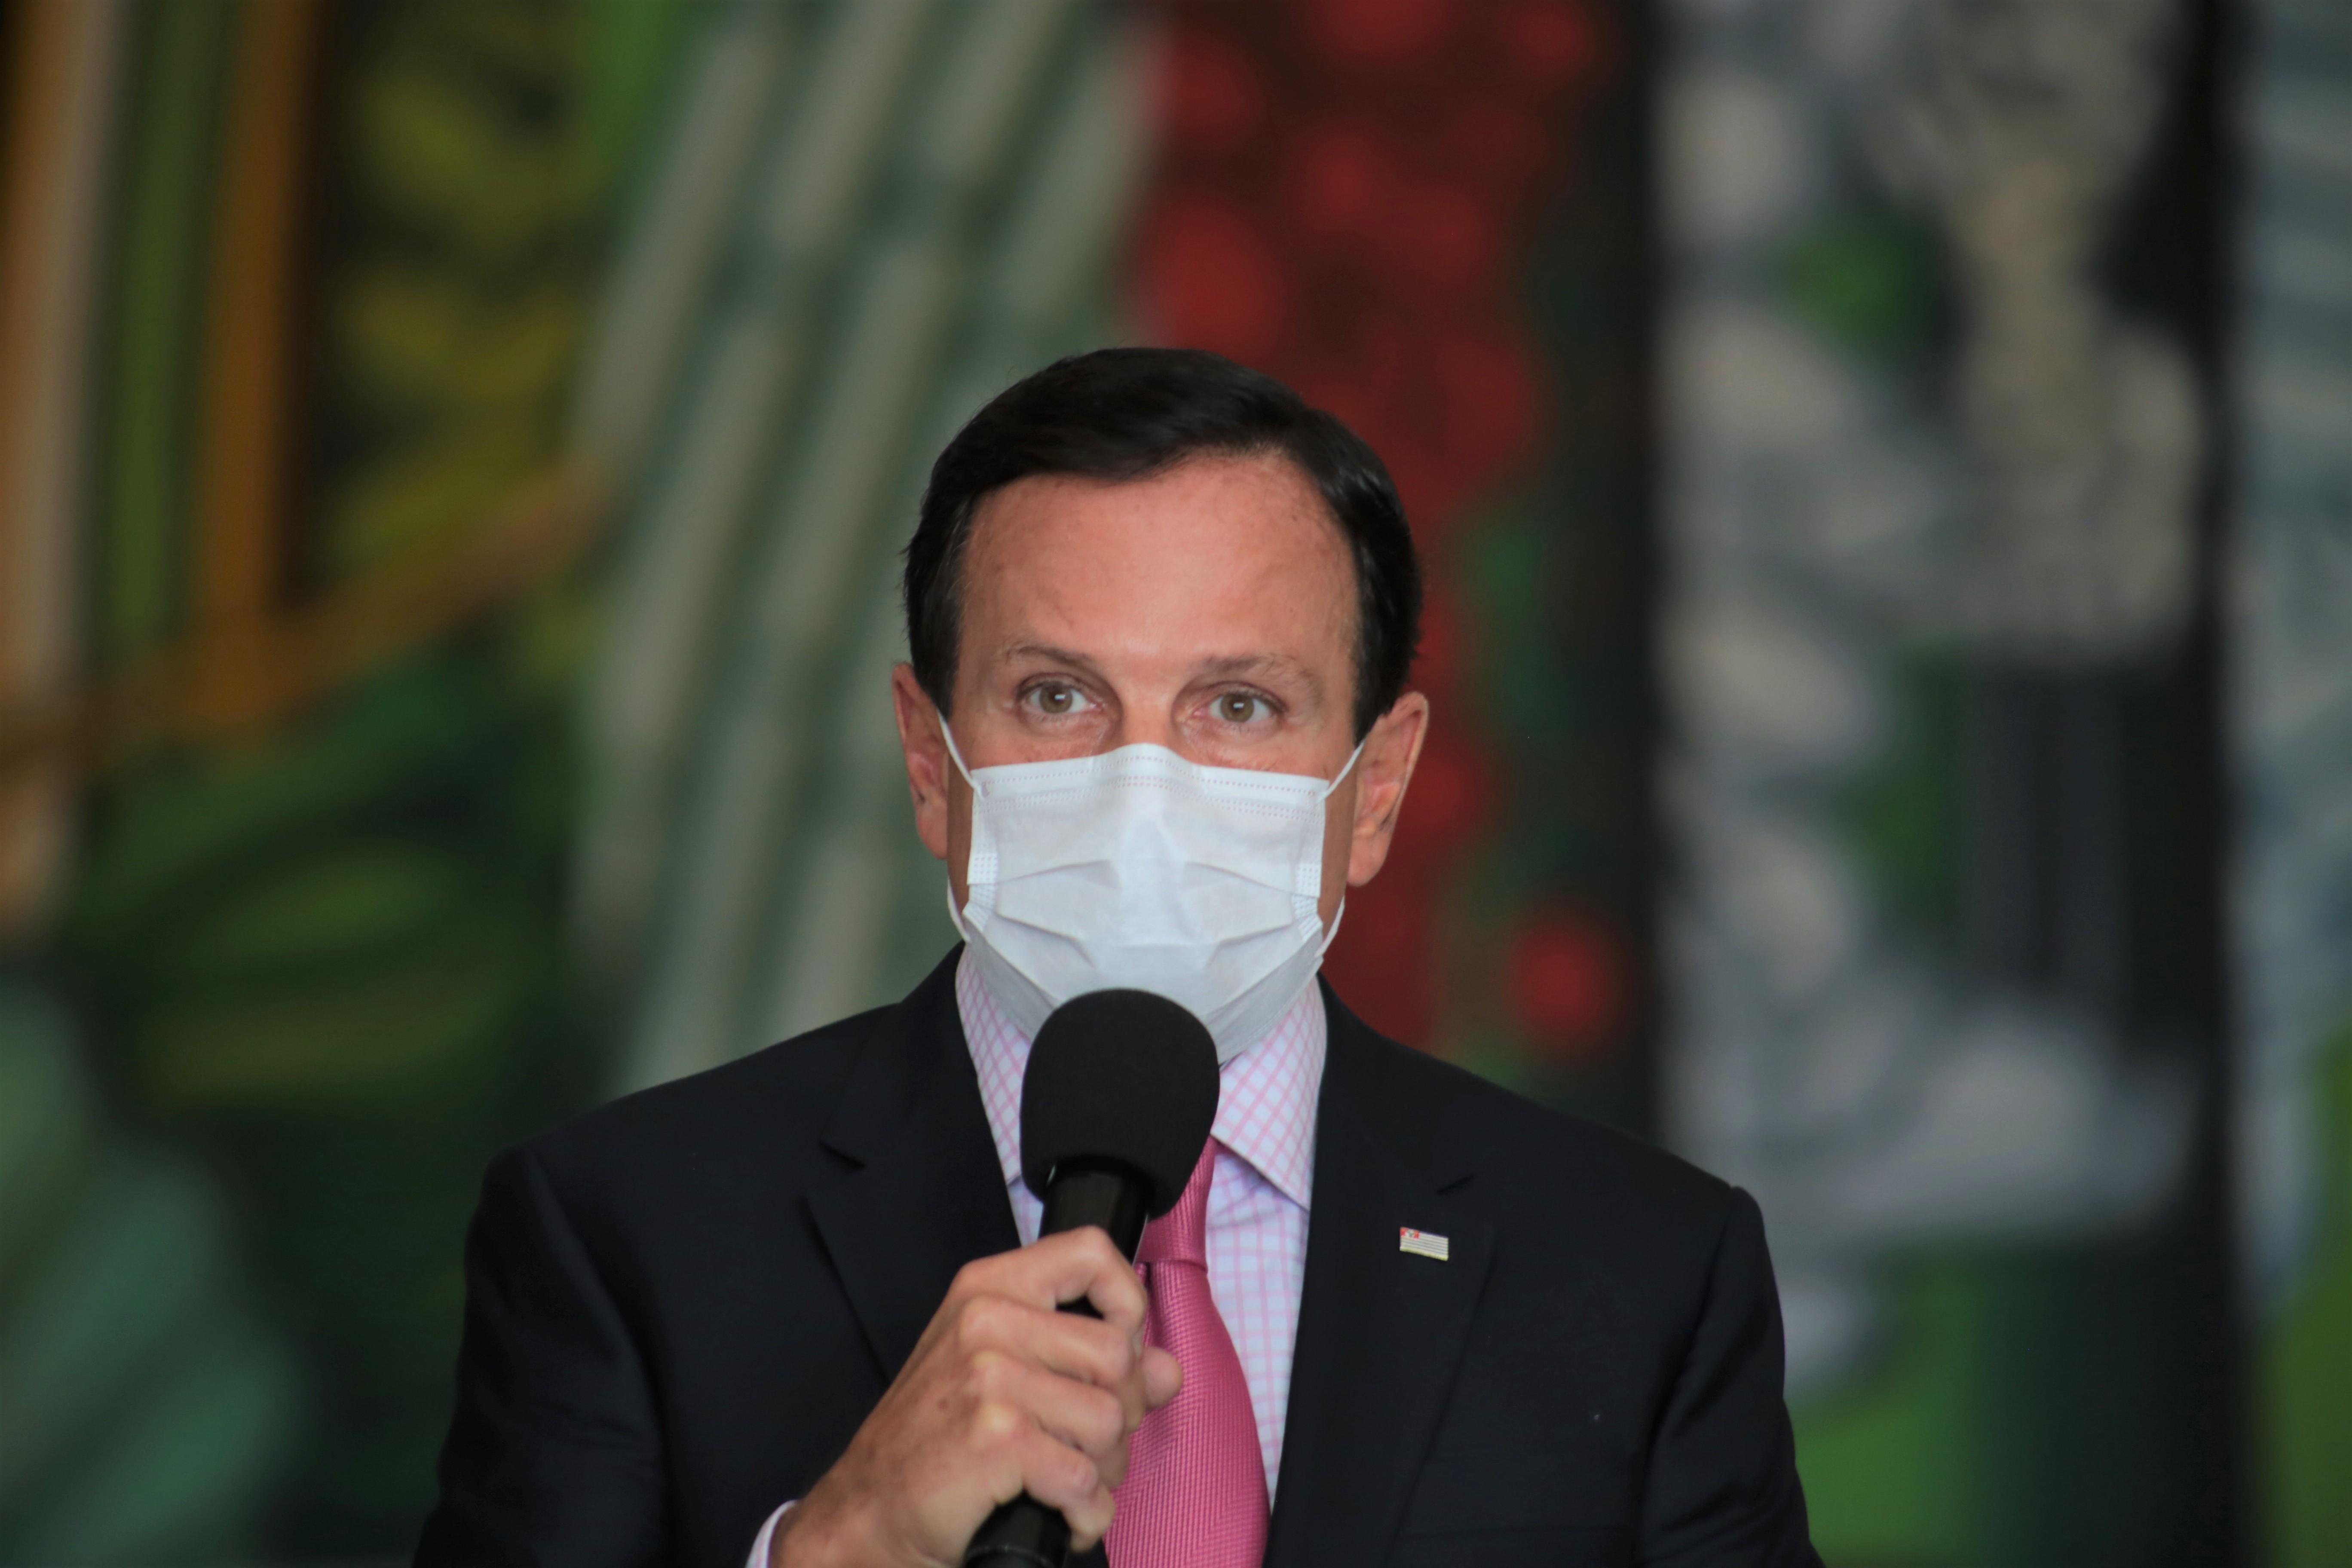 IMAGEM: Sócios de empresa que vendeu respiradores ao governo Doria contradizem depoimento de consultor